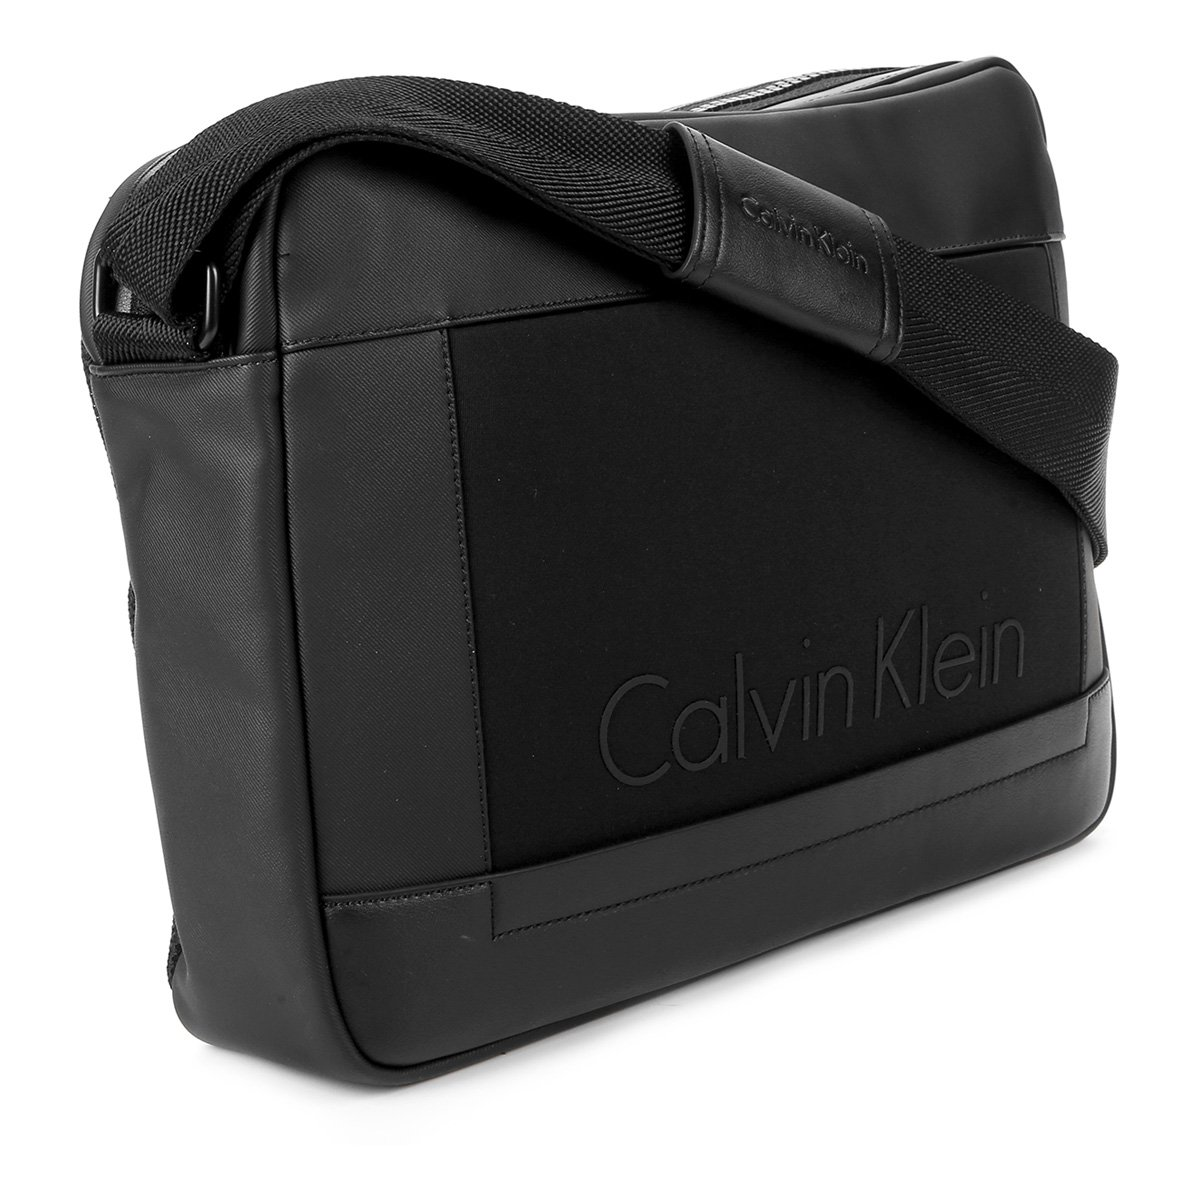 Bolsa Carteiro Calvin Klein Masculina - Compre Agora   Netshoes b73ec1bba1